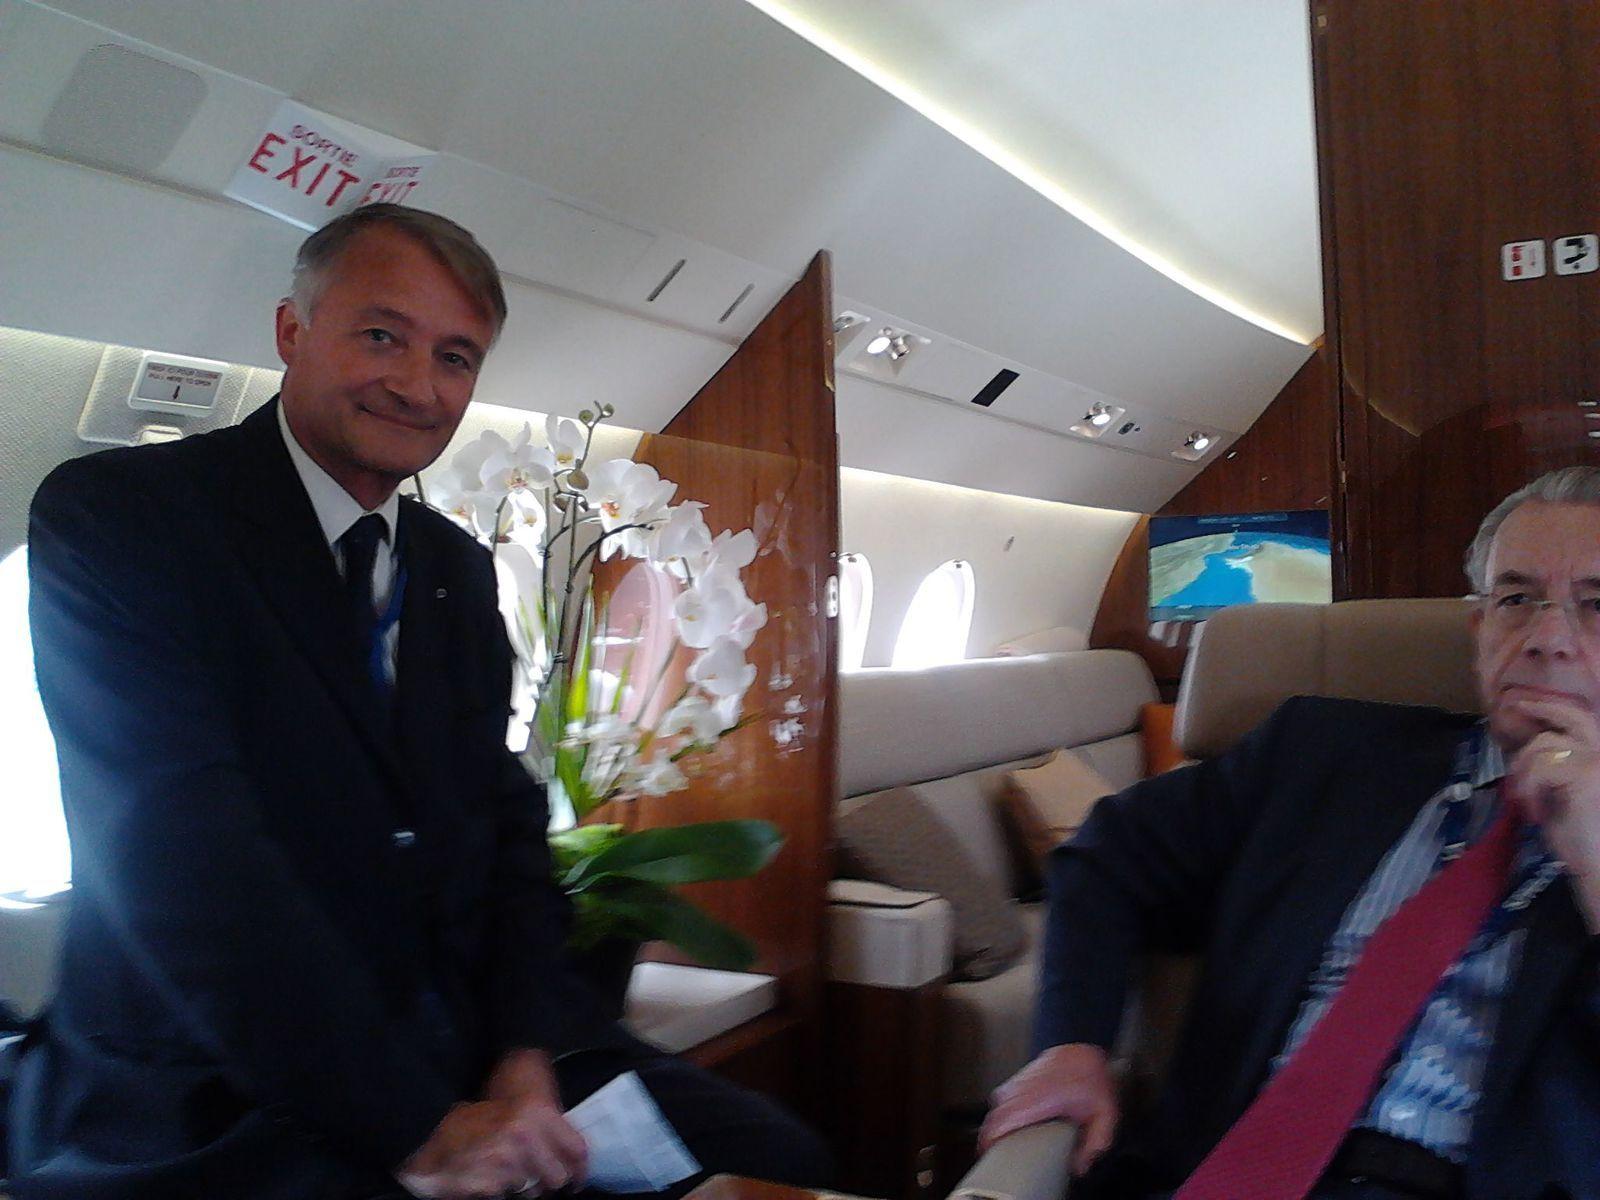 Délégation IRCE au salon aéronautique du Bourget - IRCE delegation at Le Bourget Air show